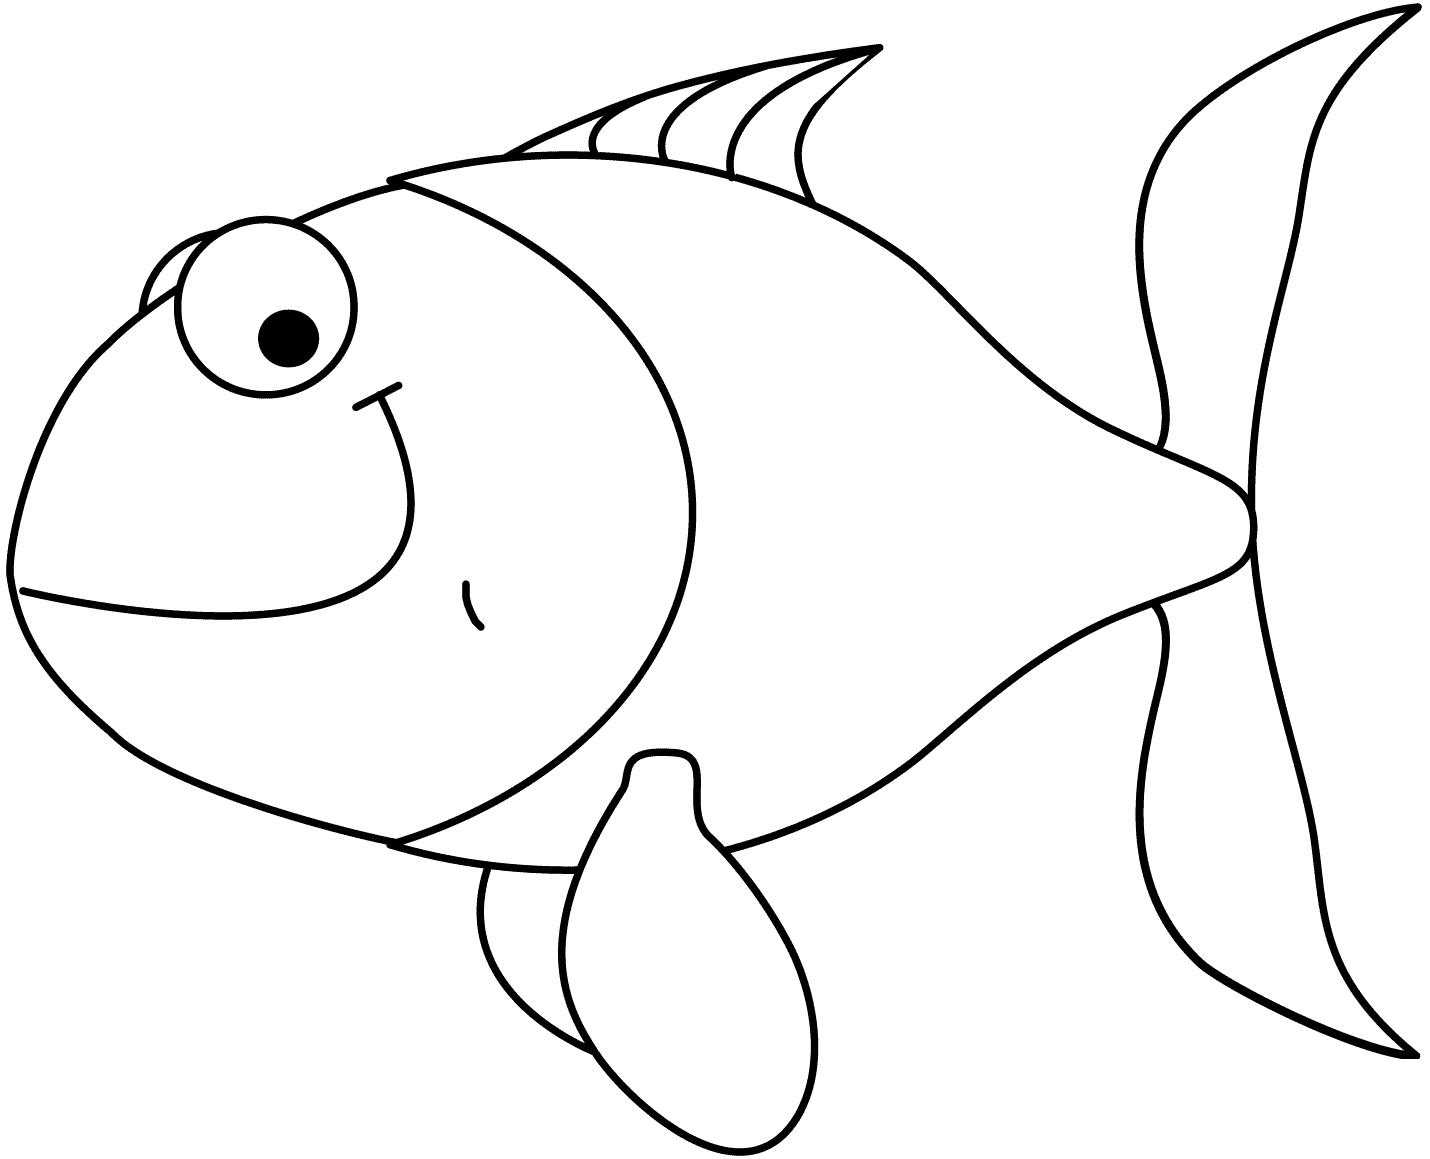 11 disegni pesci rossi da colorare per bambini for Disegni di pesci da stampare